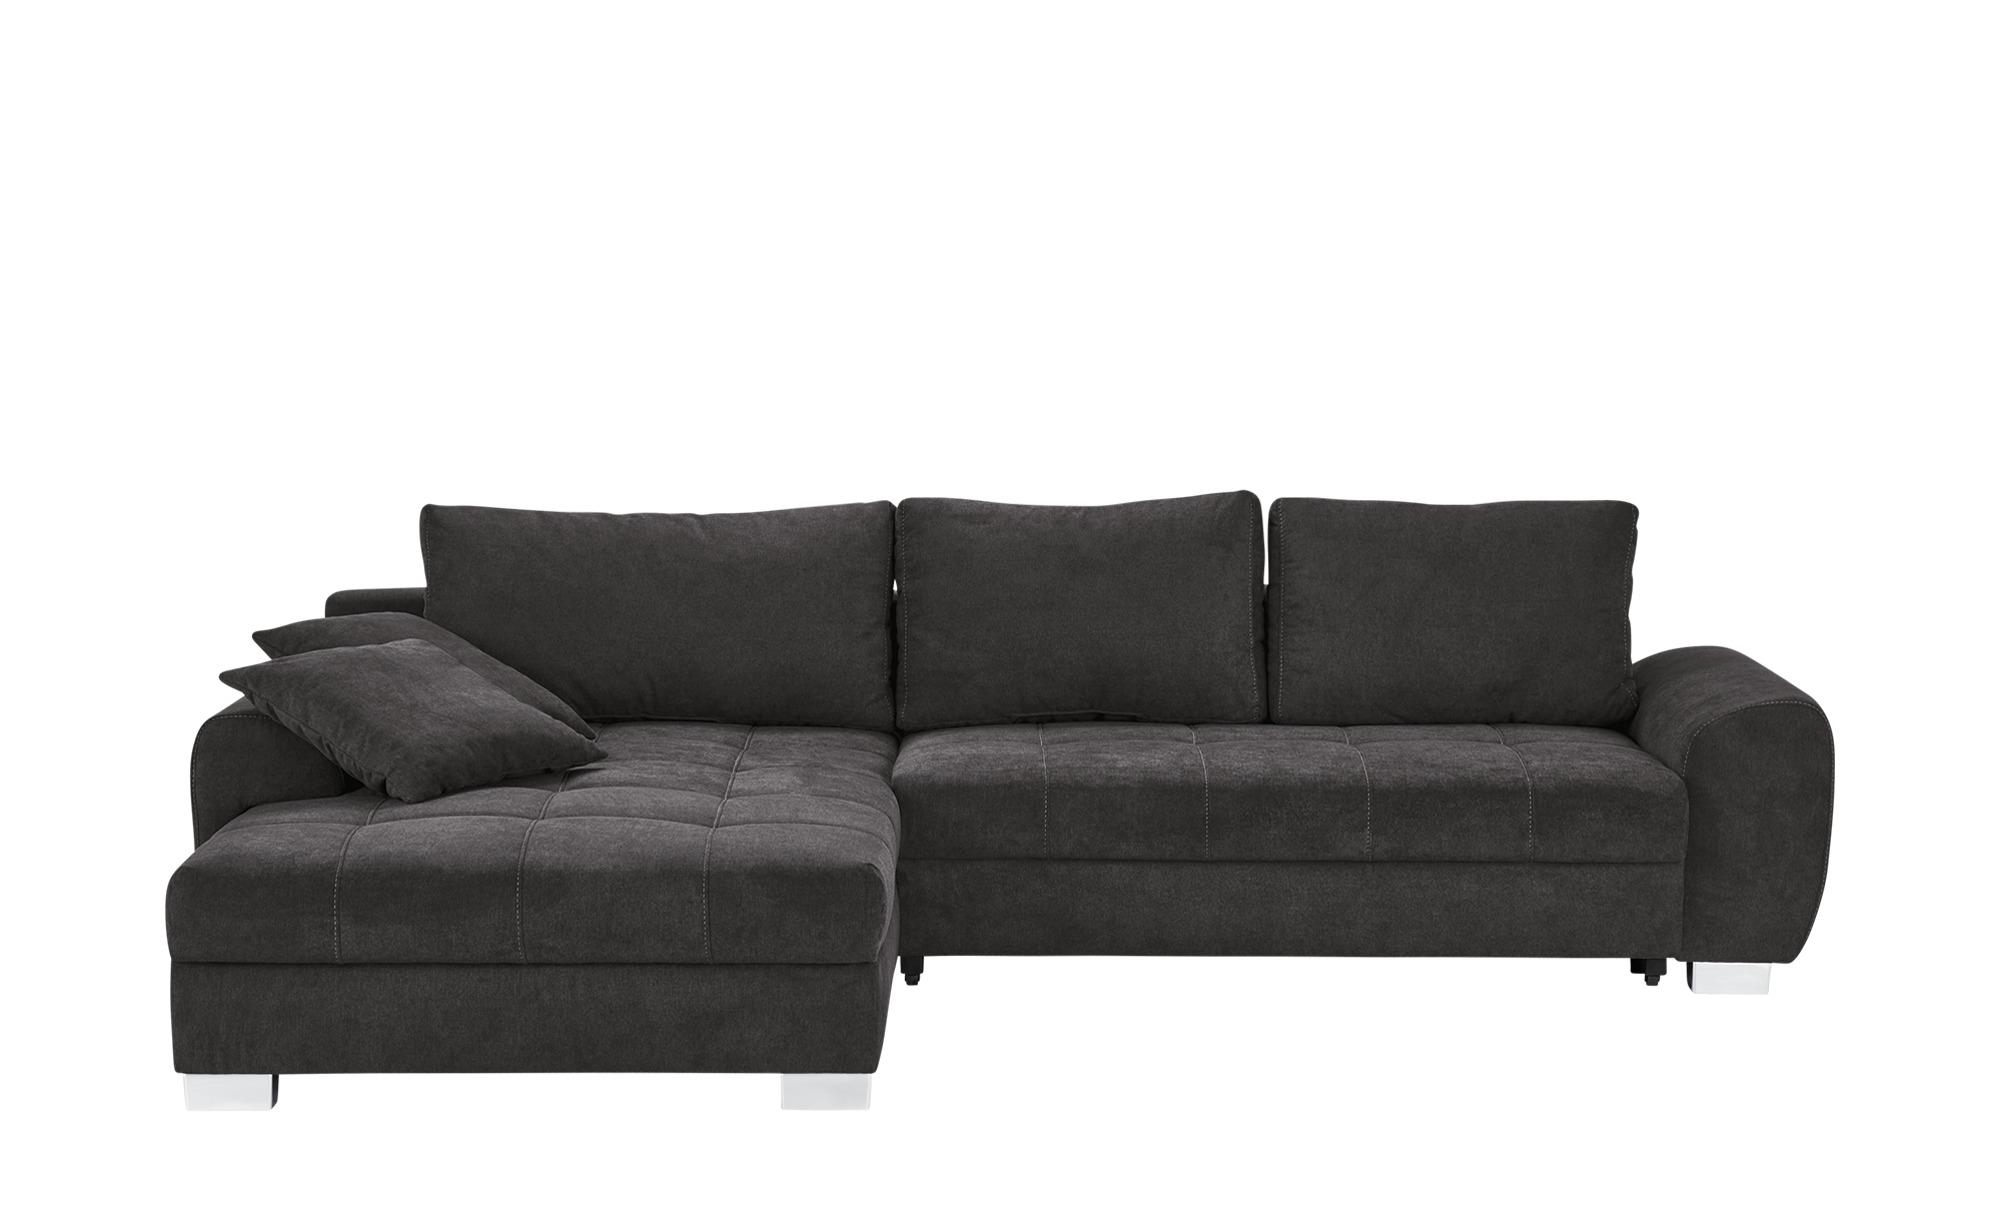 Ecksofa caren breite h he 88 cm grau online kaufen bei for Ecksofa breite 200 cm